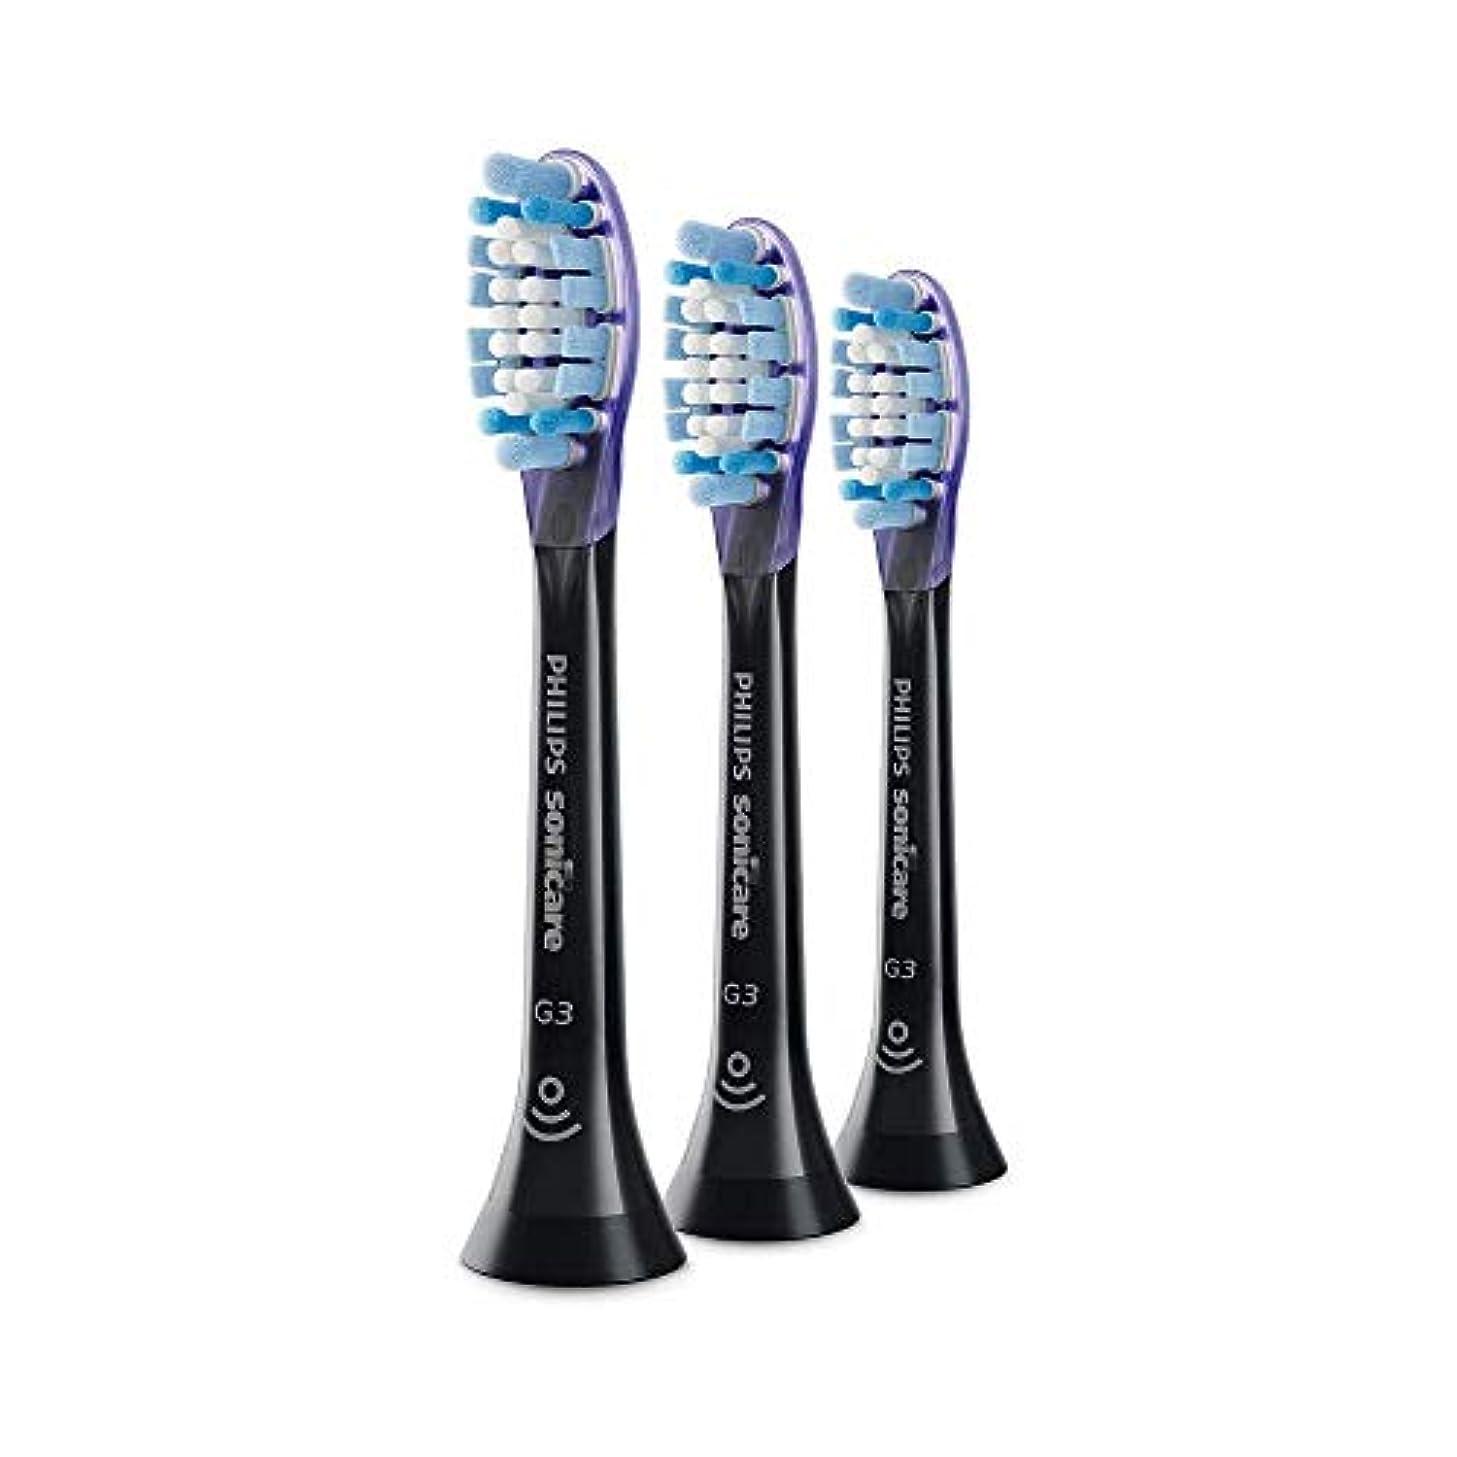 社説冷えるバングPhilips HX9053 Sonicare G3 Premium GumCare 標準のソニック歯ブラシヘッド Black [並行輸入品]